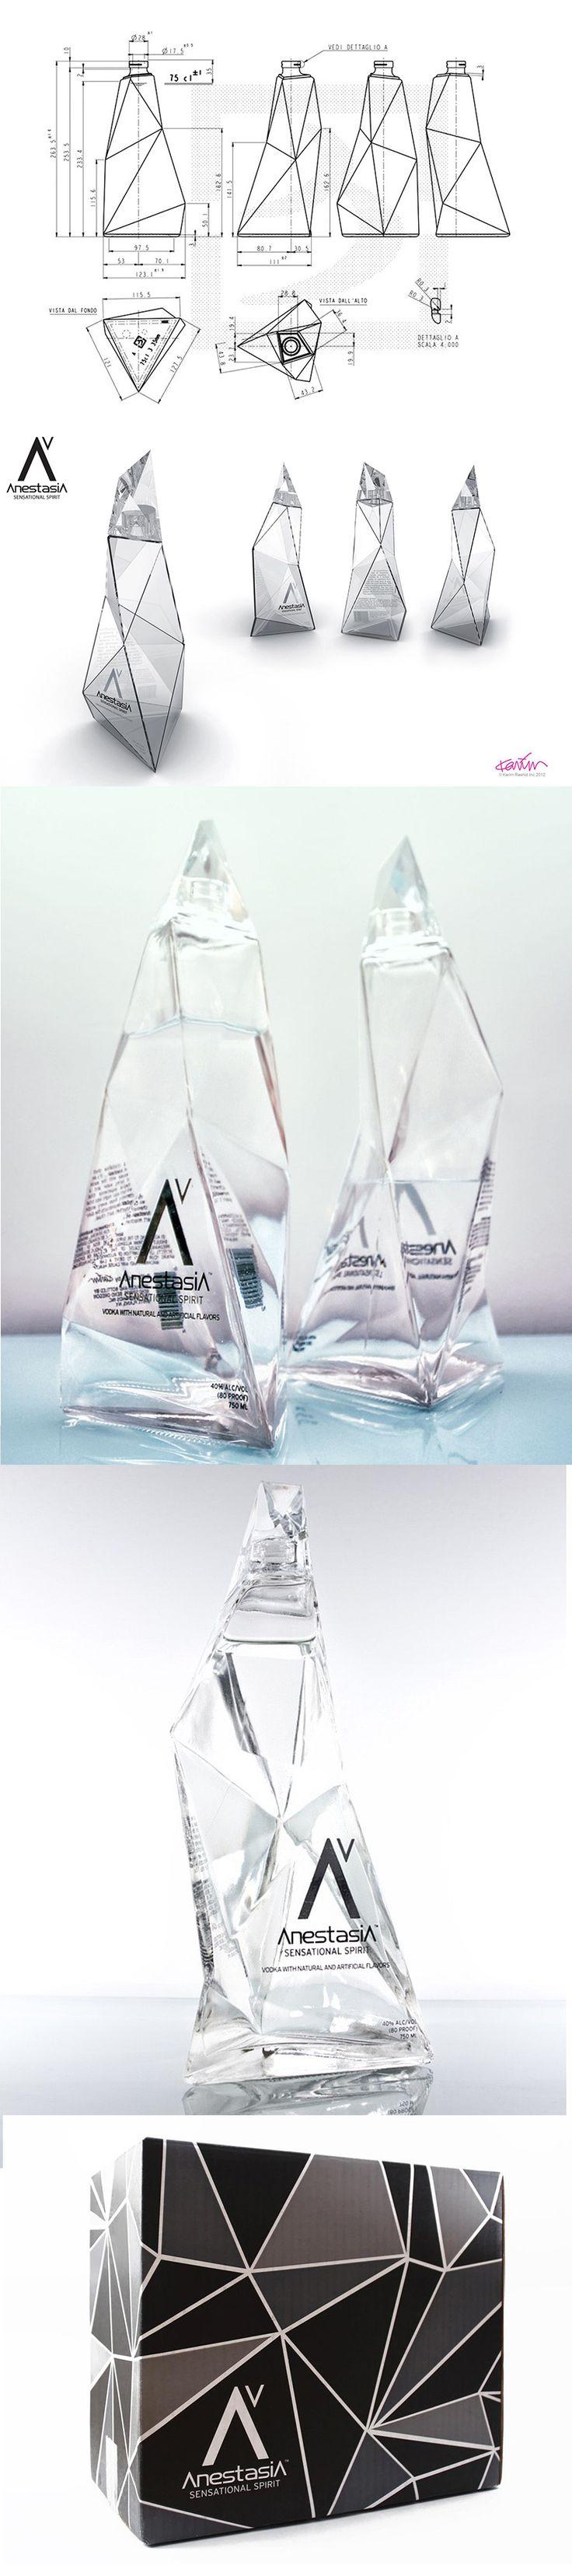 Karim Rashid's packaging designs for AnestasiA Vodka from start to finish. Todos se suben al low poly, dentro de unos años va a ser como la sombrita de photoshop.